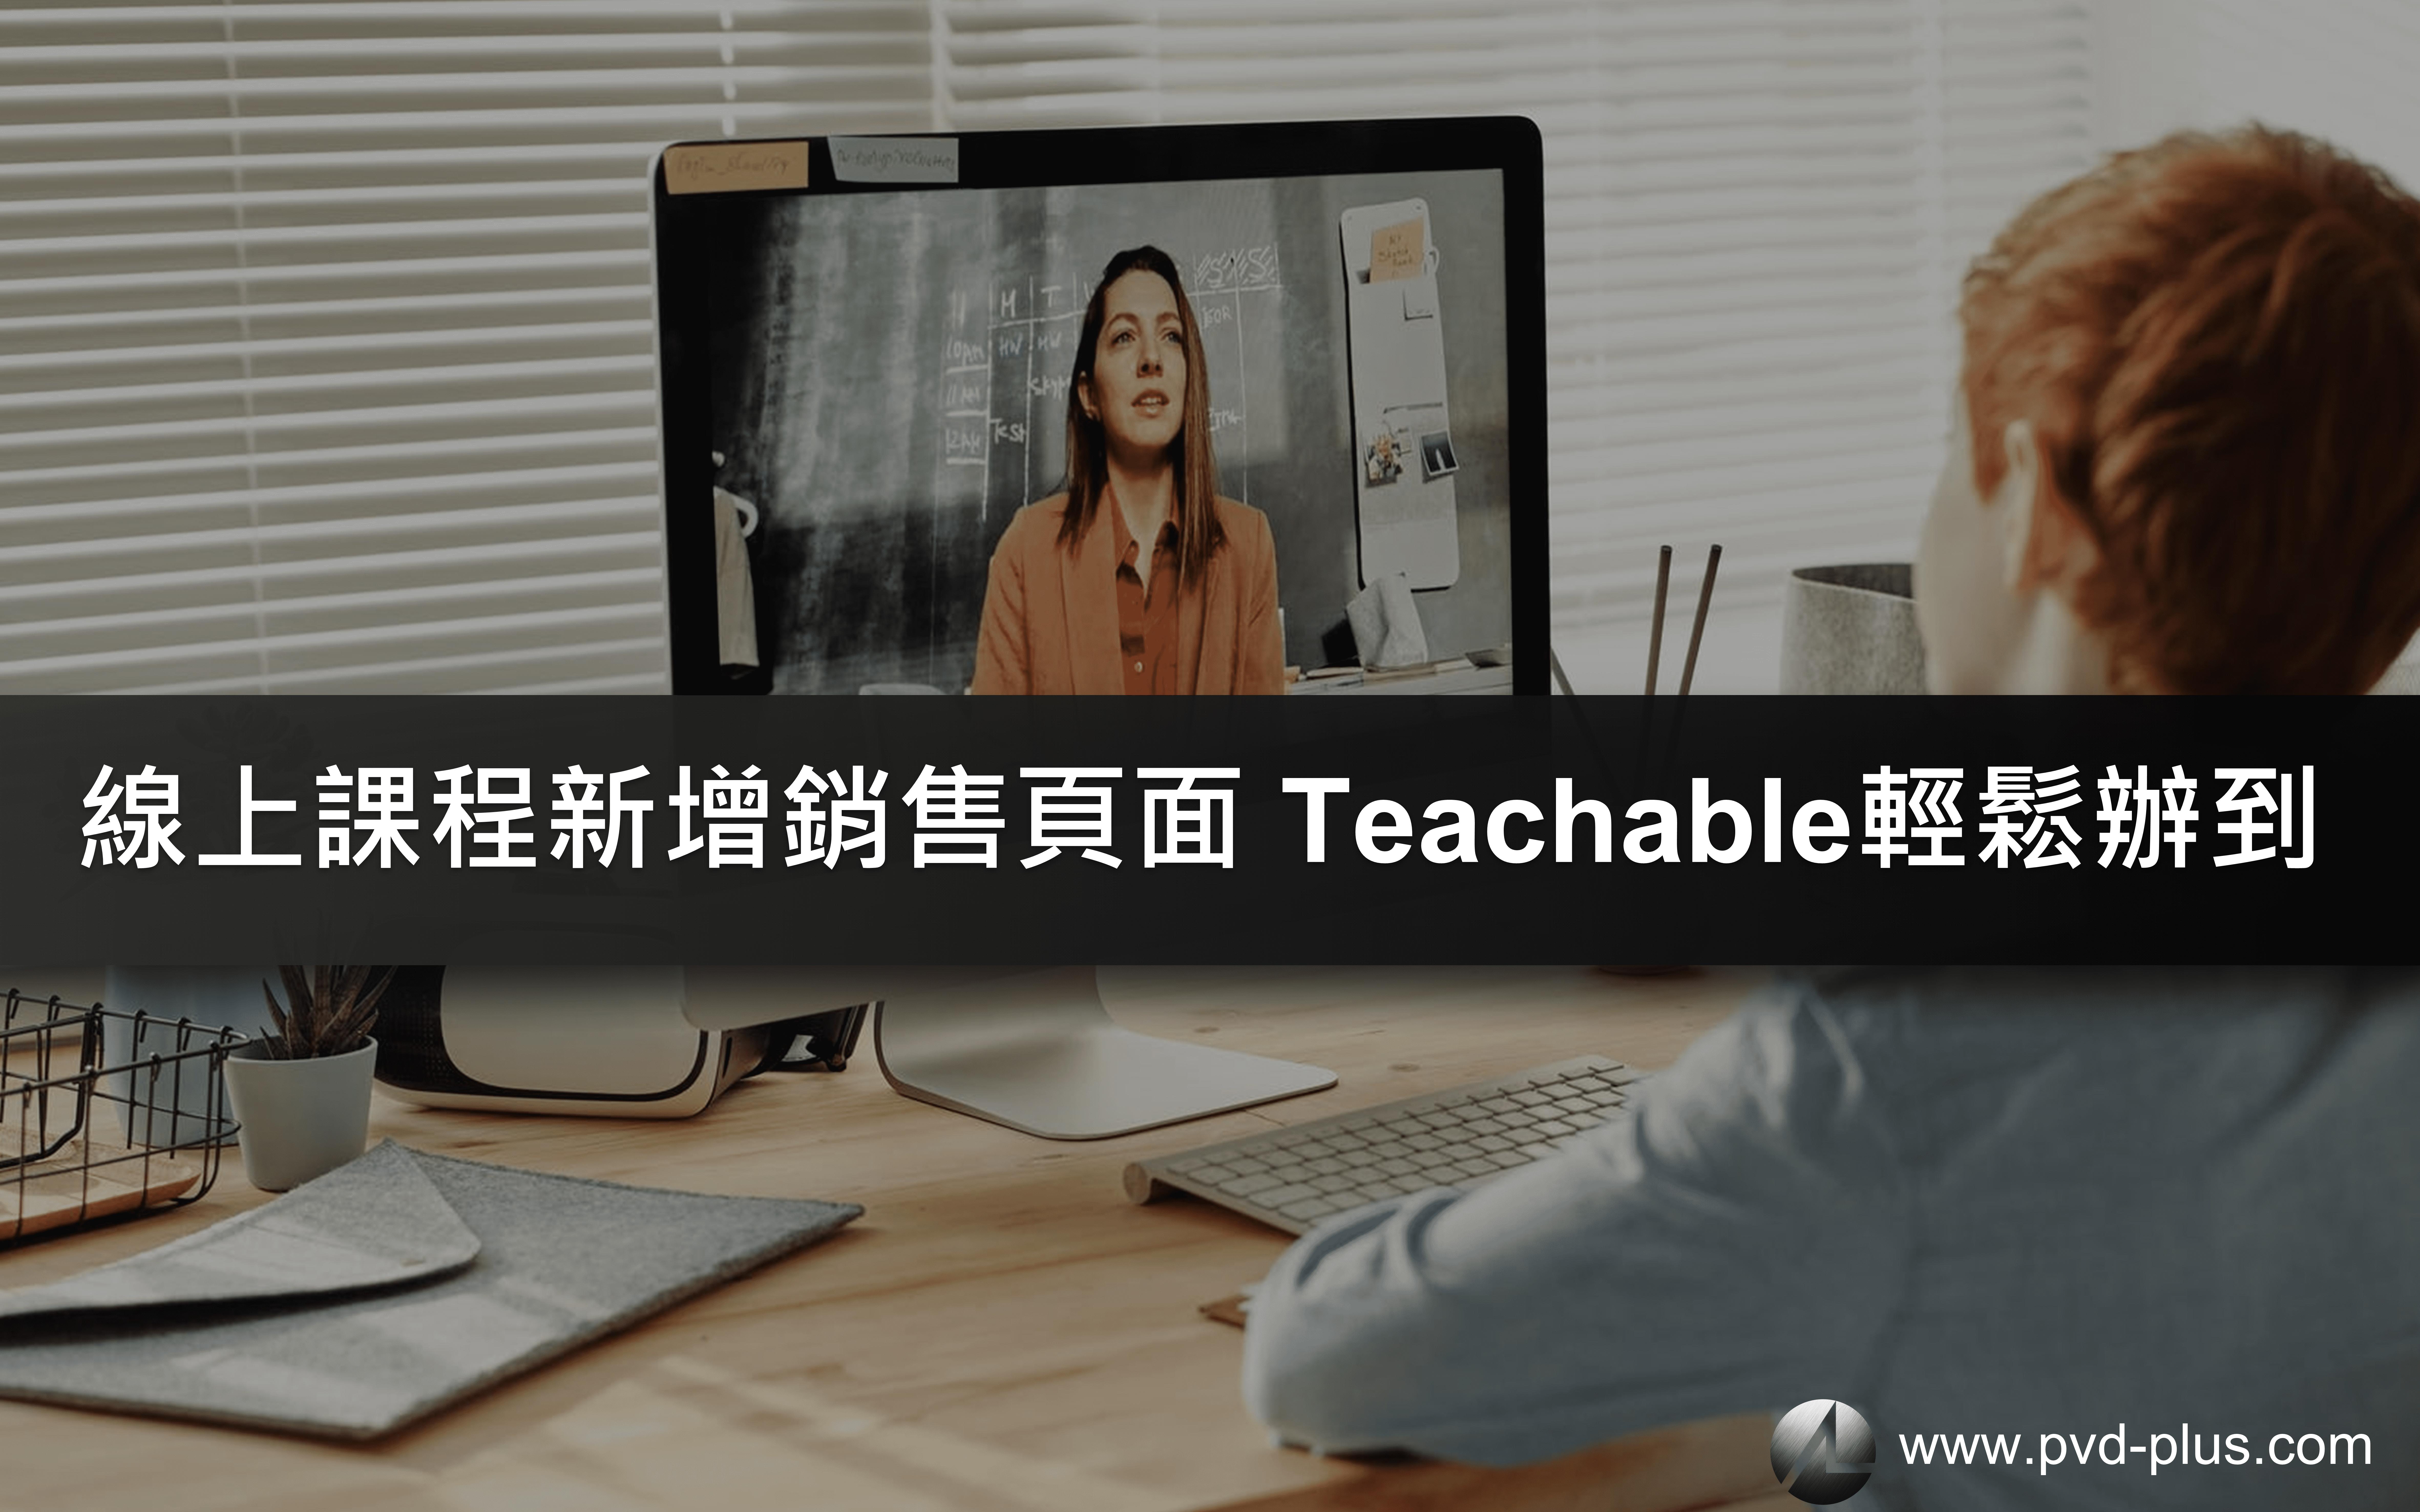 想開設線上課當老師嗎? 只要5步驟,教你用 Teachable 設計出精美培訓網站!